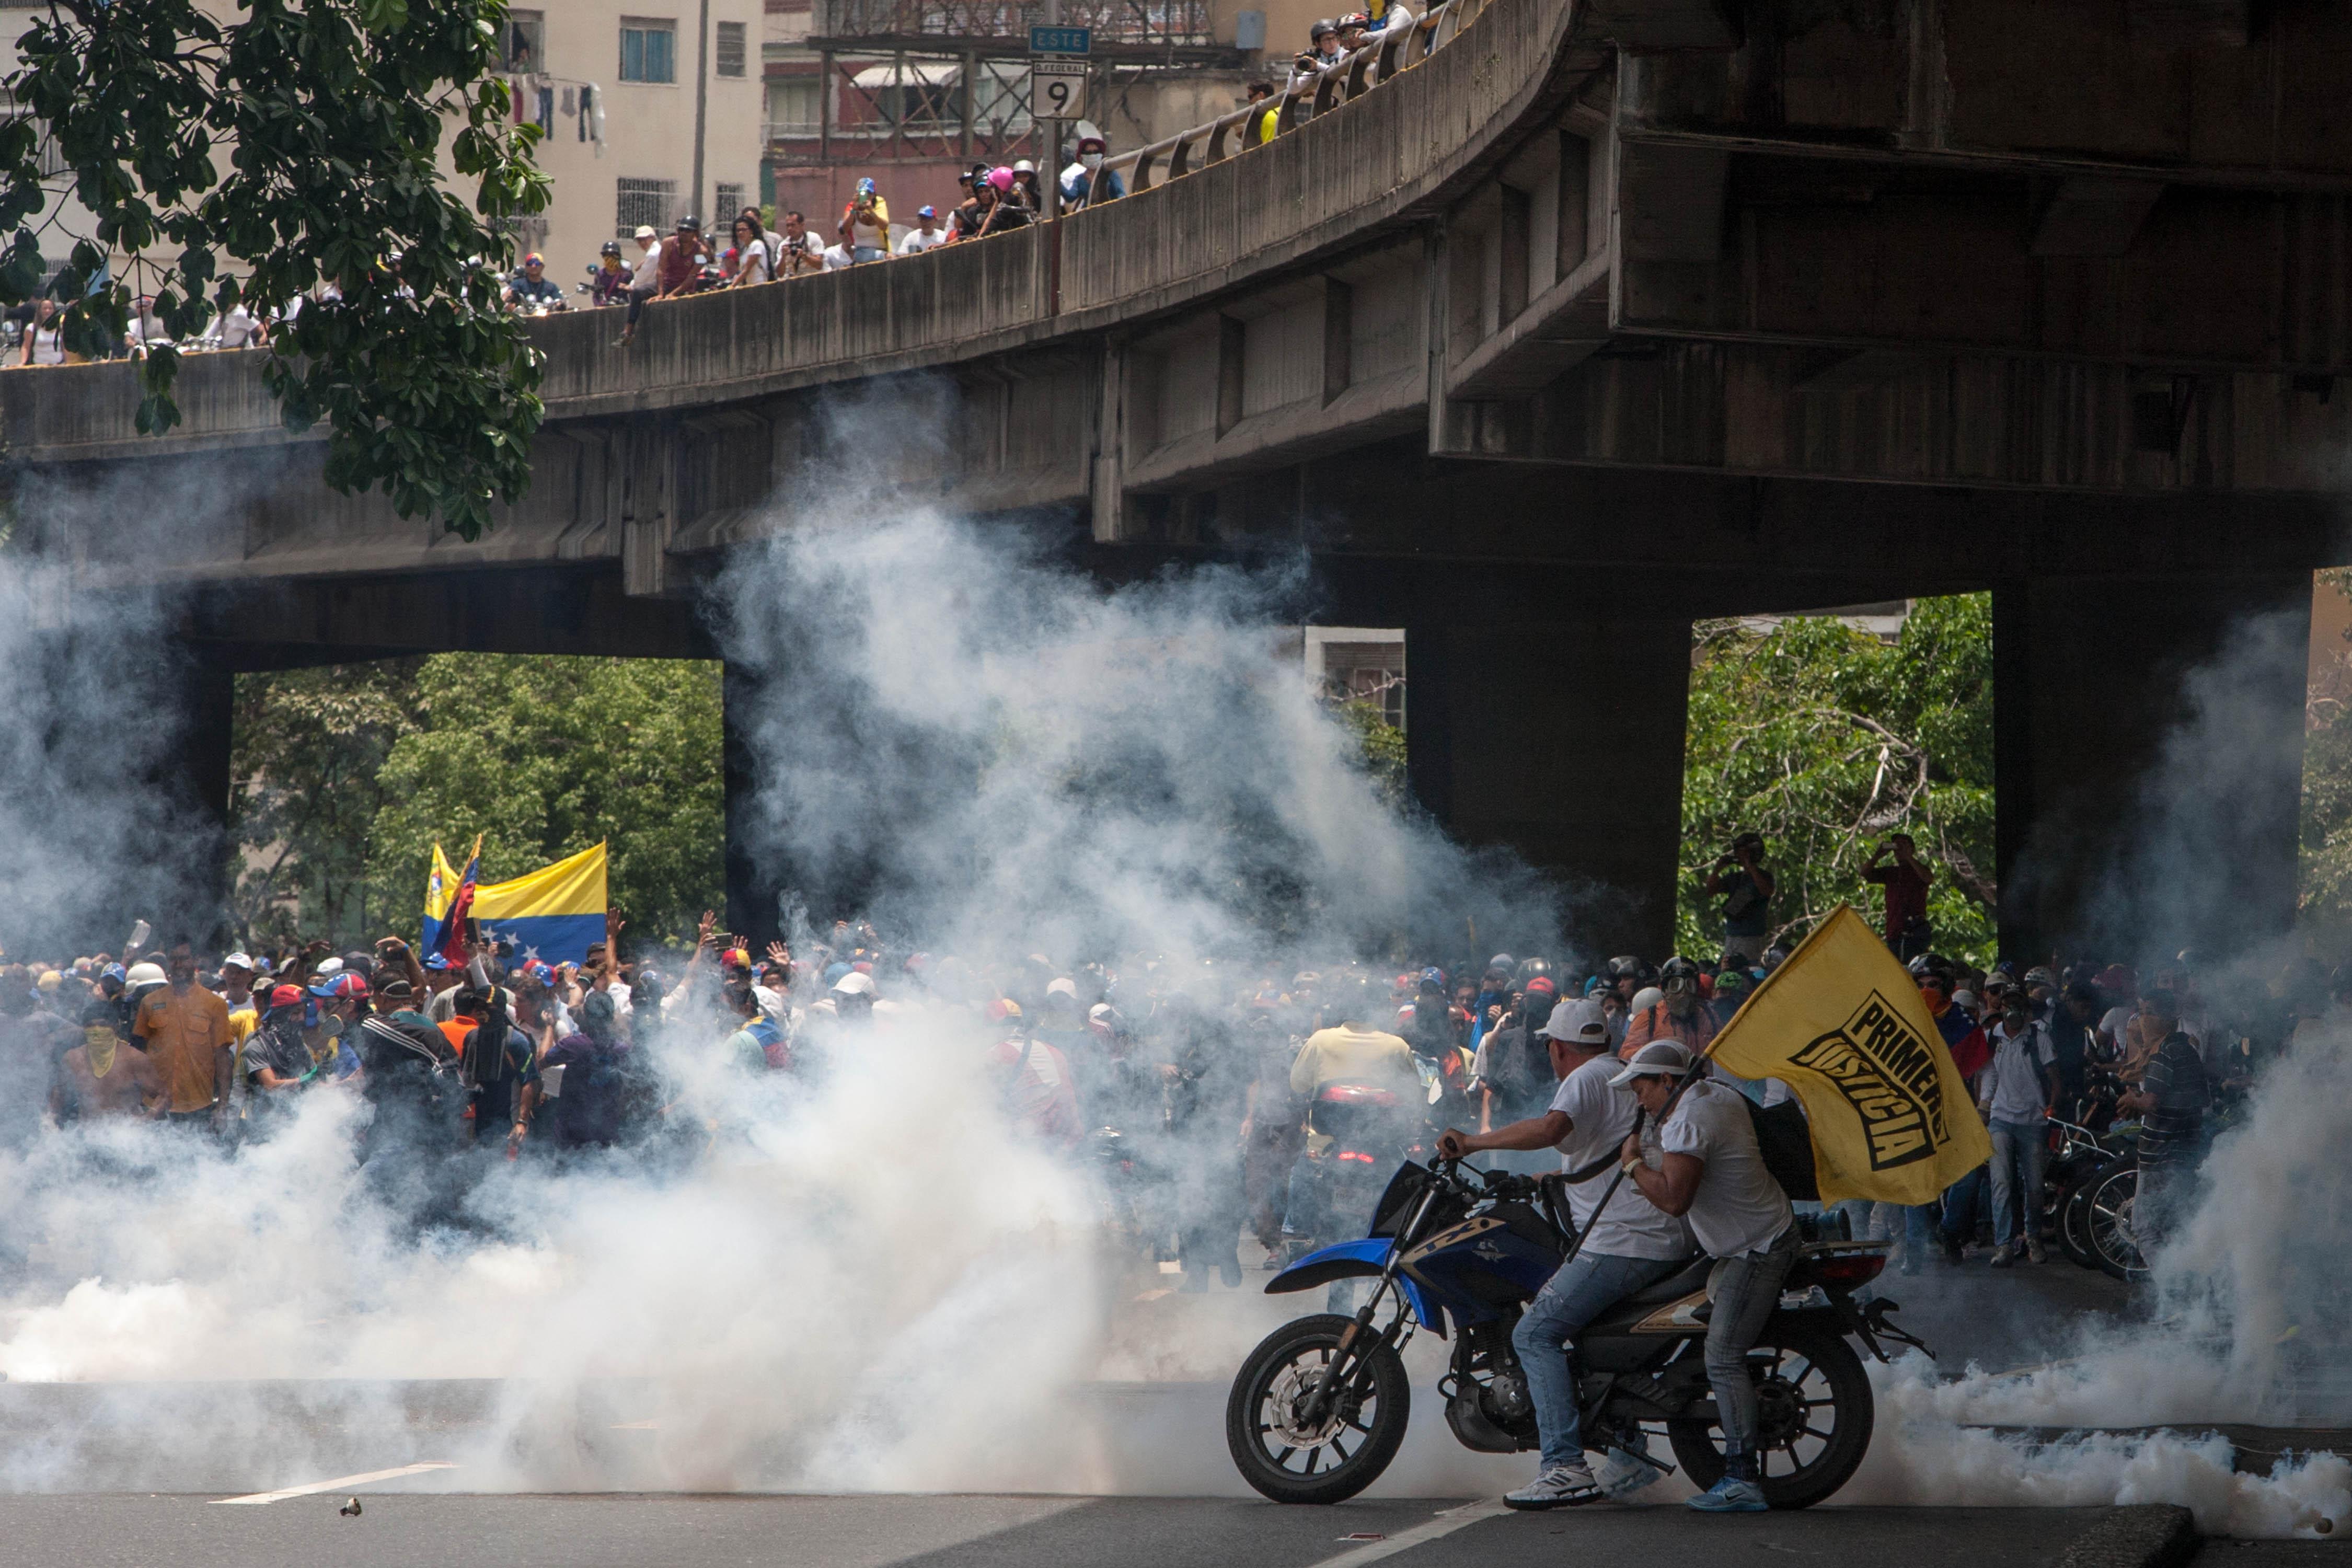 CAR211. CARACAS (VENEZUELA), 19/04/2017 - Un grupo de manifestantes se enfrenta con la policía durante una protesta en contra del Gobierno venezolano hoy, miércoles 19 de abril de 2017, en Caracas (Venezuela). Centenares de opositores en distintos puntos de caracas se enfrentaron hoy a los cuerpos de seguridad para mantenerse en las calles protestando, pese al uso de bombas lacrimógenas por parte de las fuerzas policiales para dispersar y bloquear el paso de las marchas. EFE/CRISTIAN HERNANDEZ